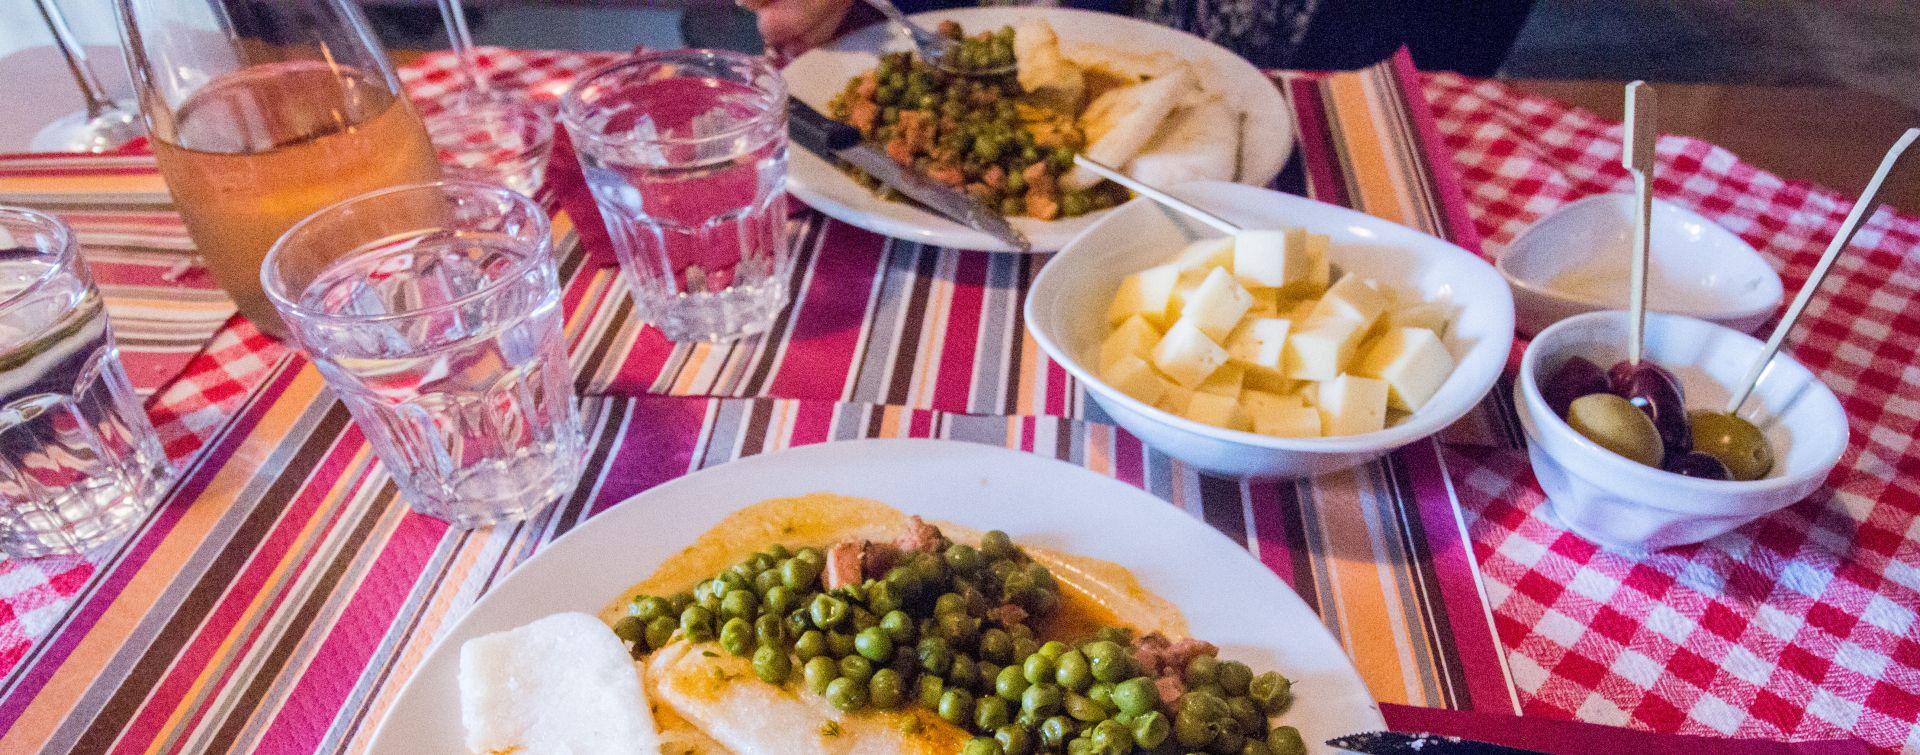 Brda local cuisine